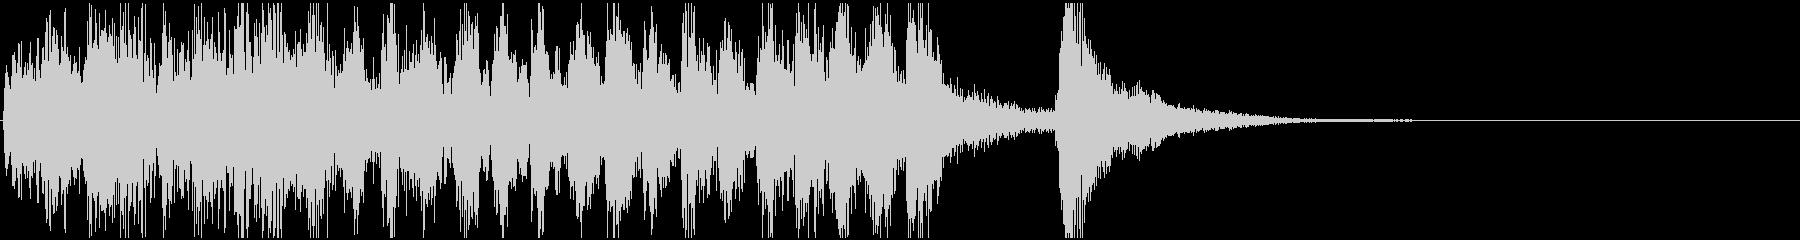 素早いピチカートの楽しげなジングル(3)の未再生の波形